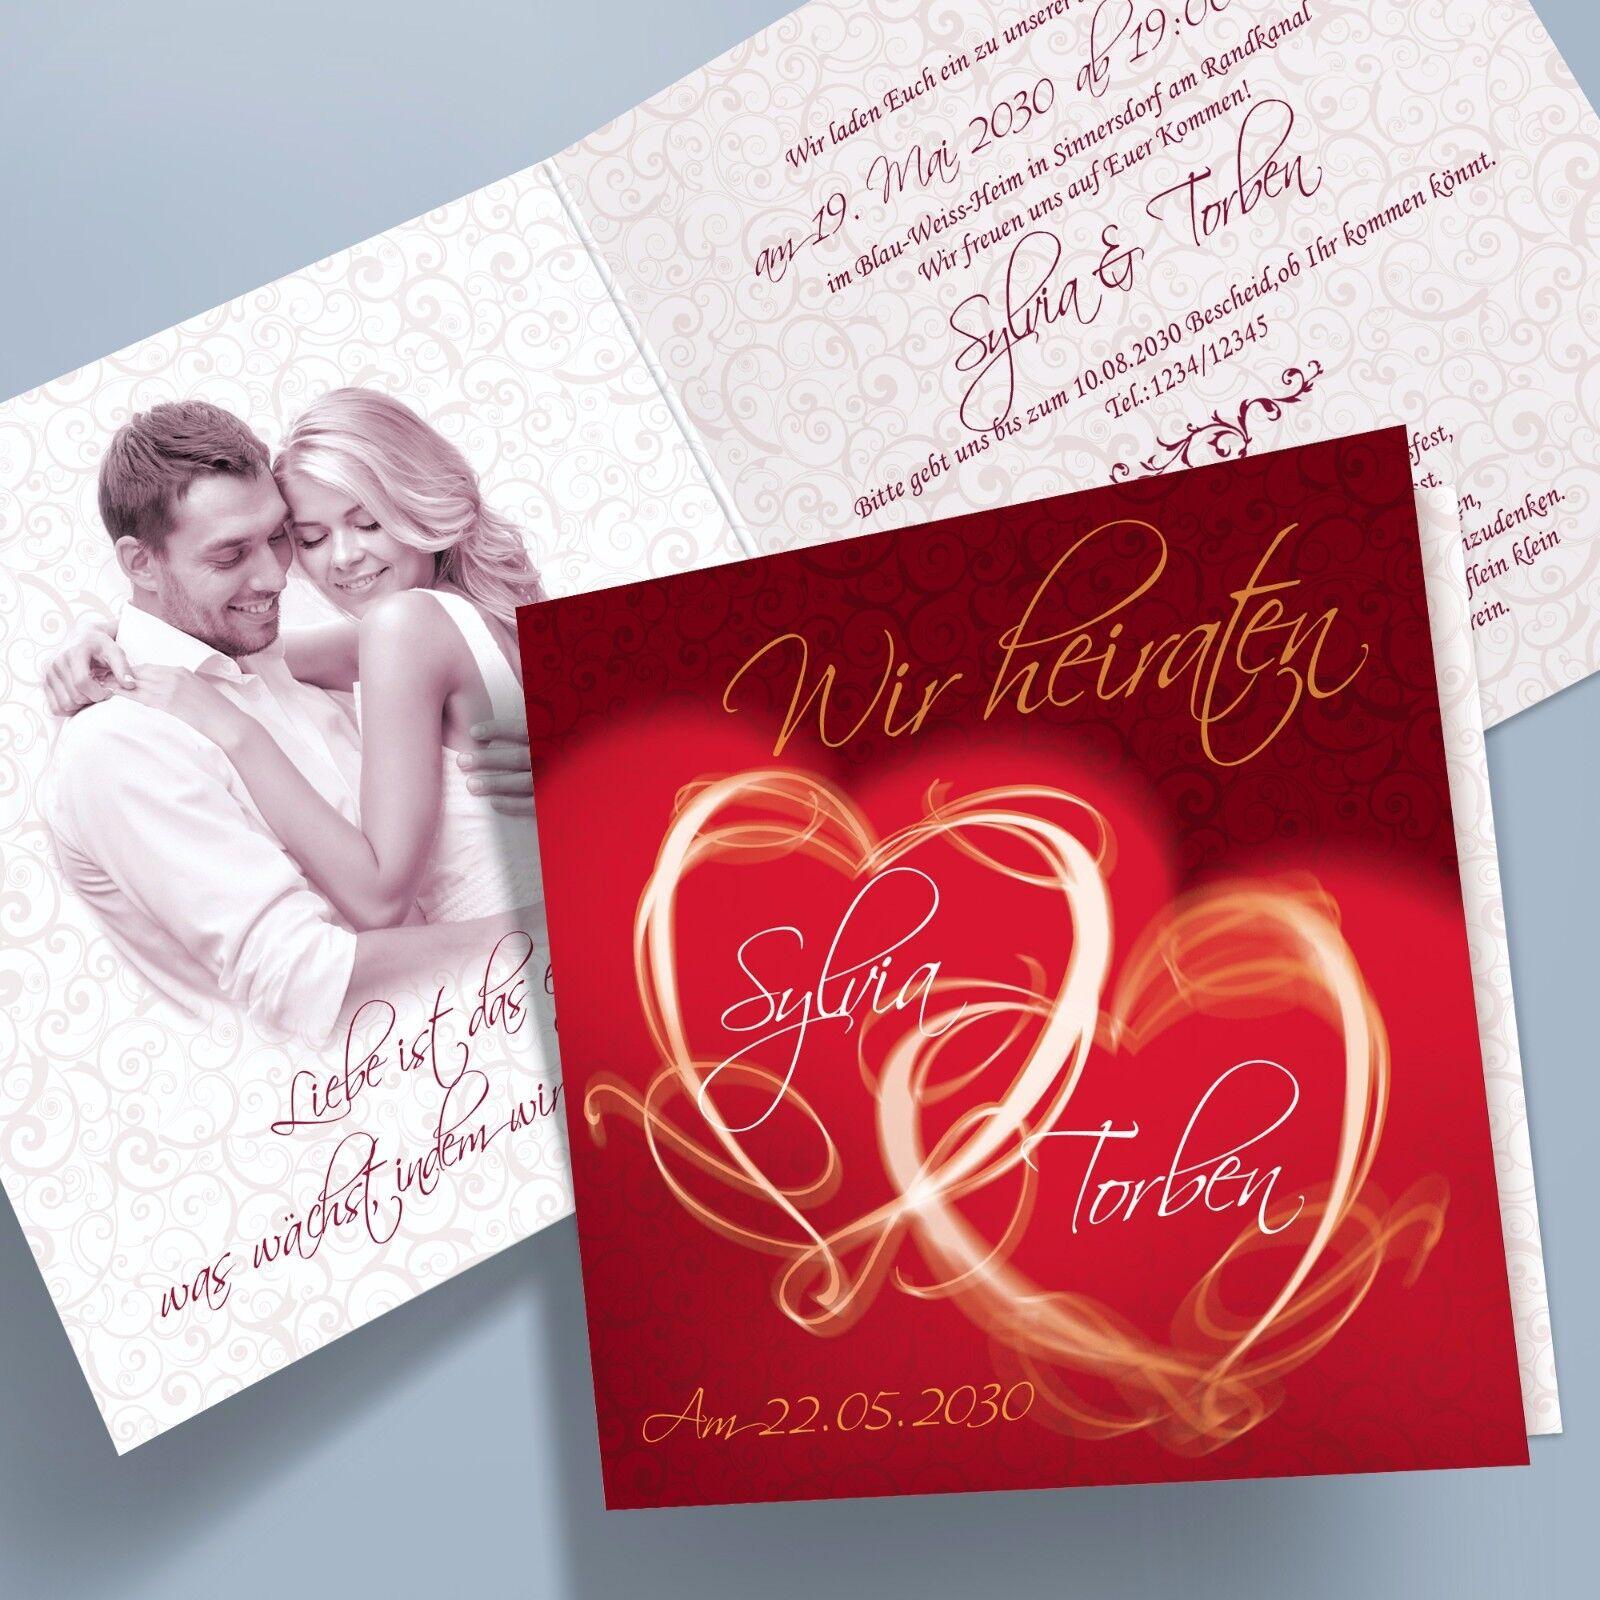 Personalisierte Einladungskarten Hochzeit Klappkarten – 11 dunkelrot quadratisch | Qualifizierte Herstellung  | In hohem Grade geschätzt und weit vertrautes herein und heraus